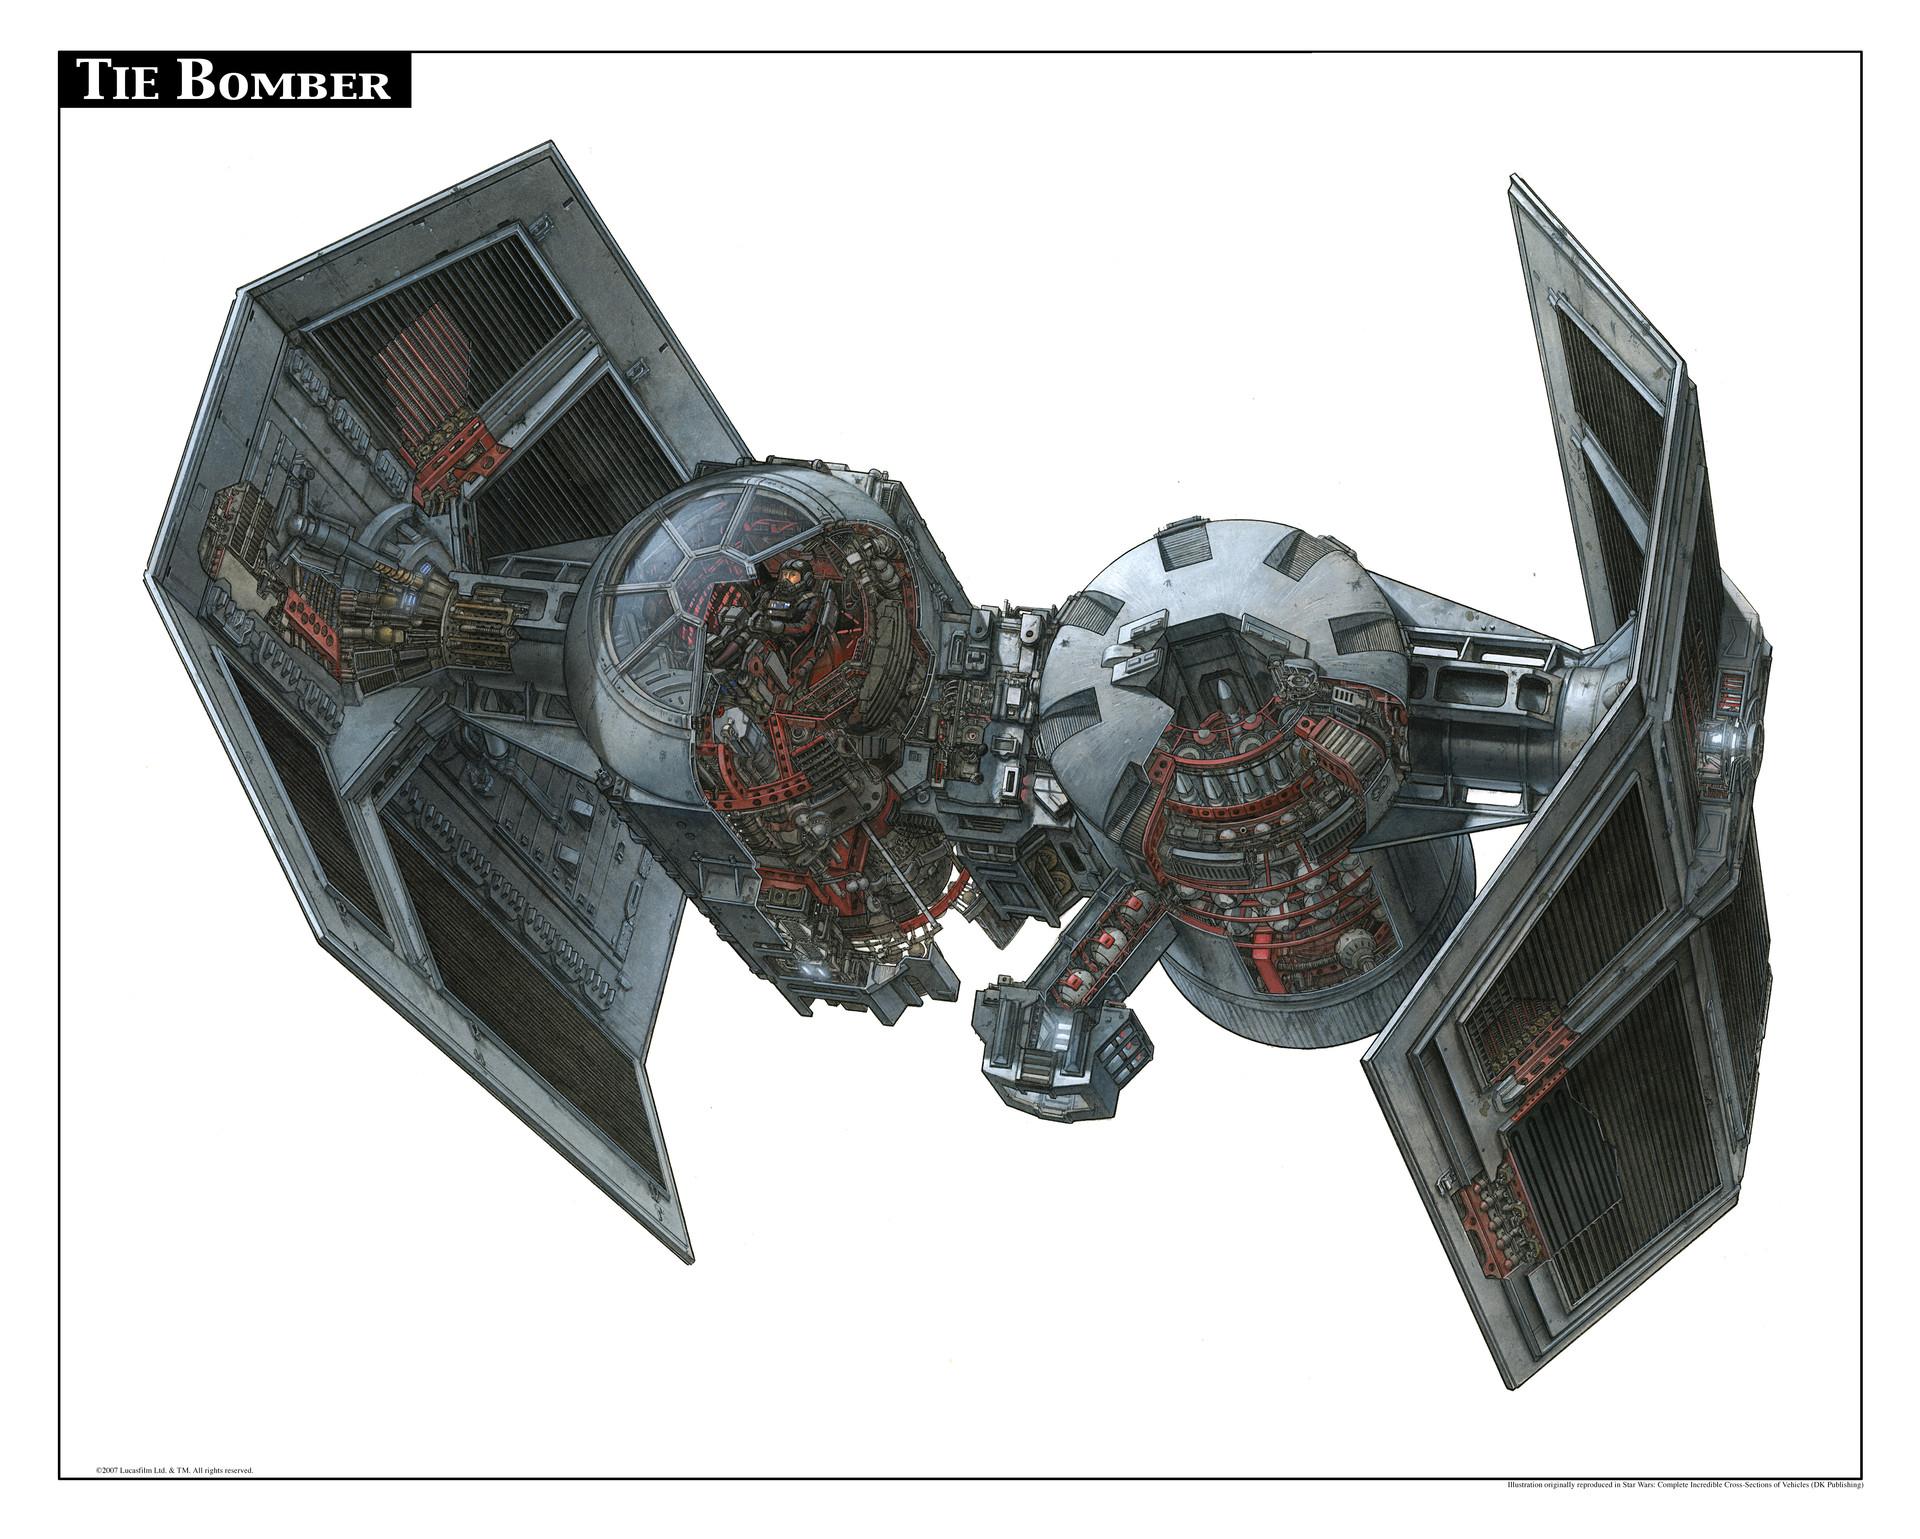 A Star Wars játékjárművek története - 5.rész